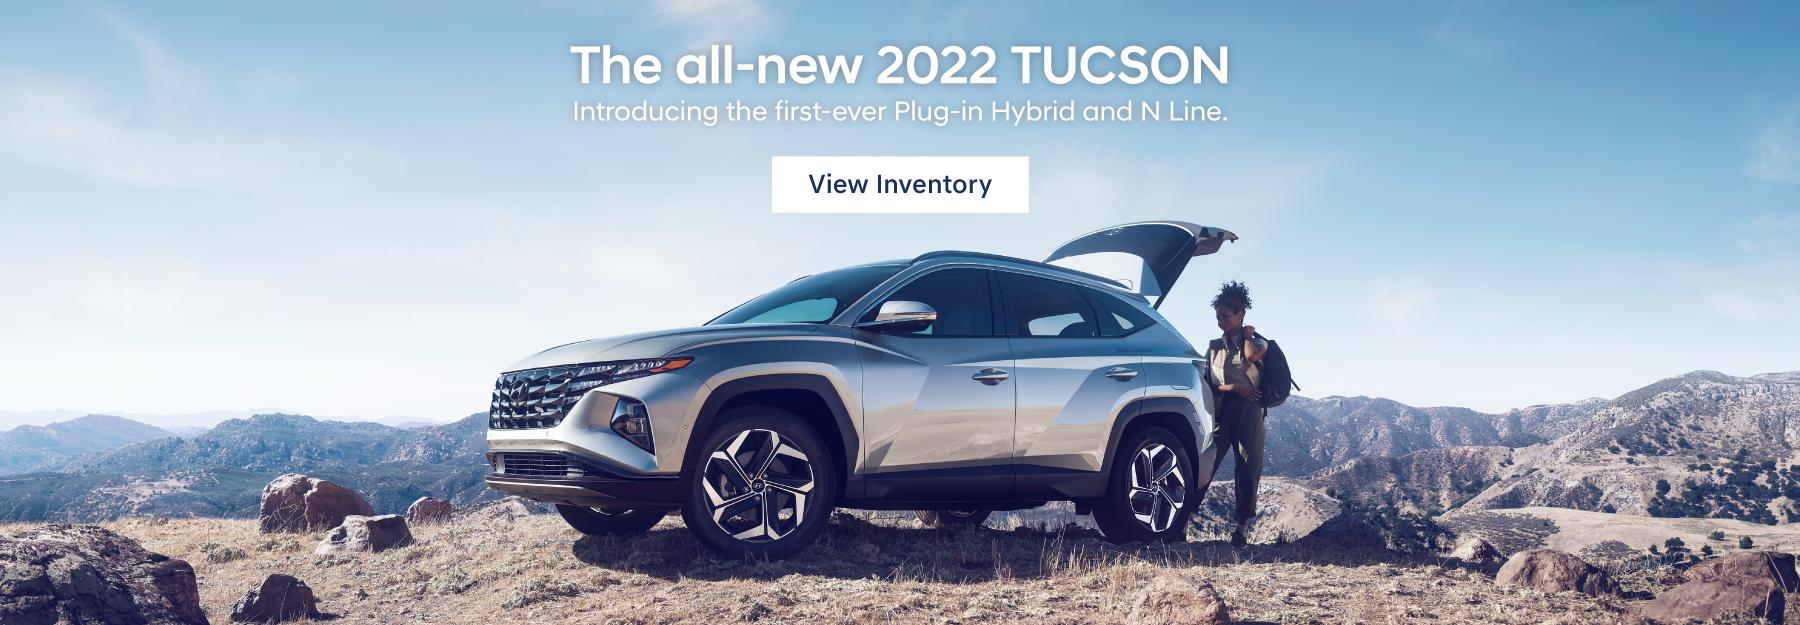 Hyundai-Omaha-OEM-1021_Tucson